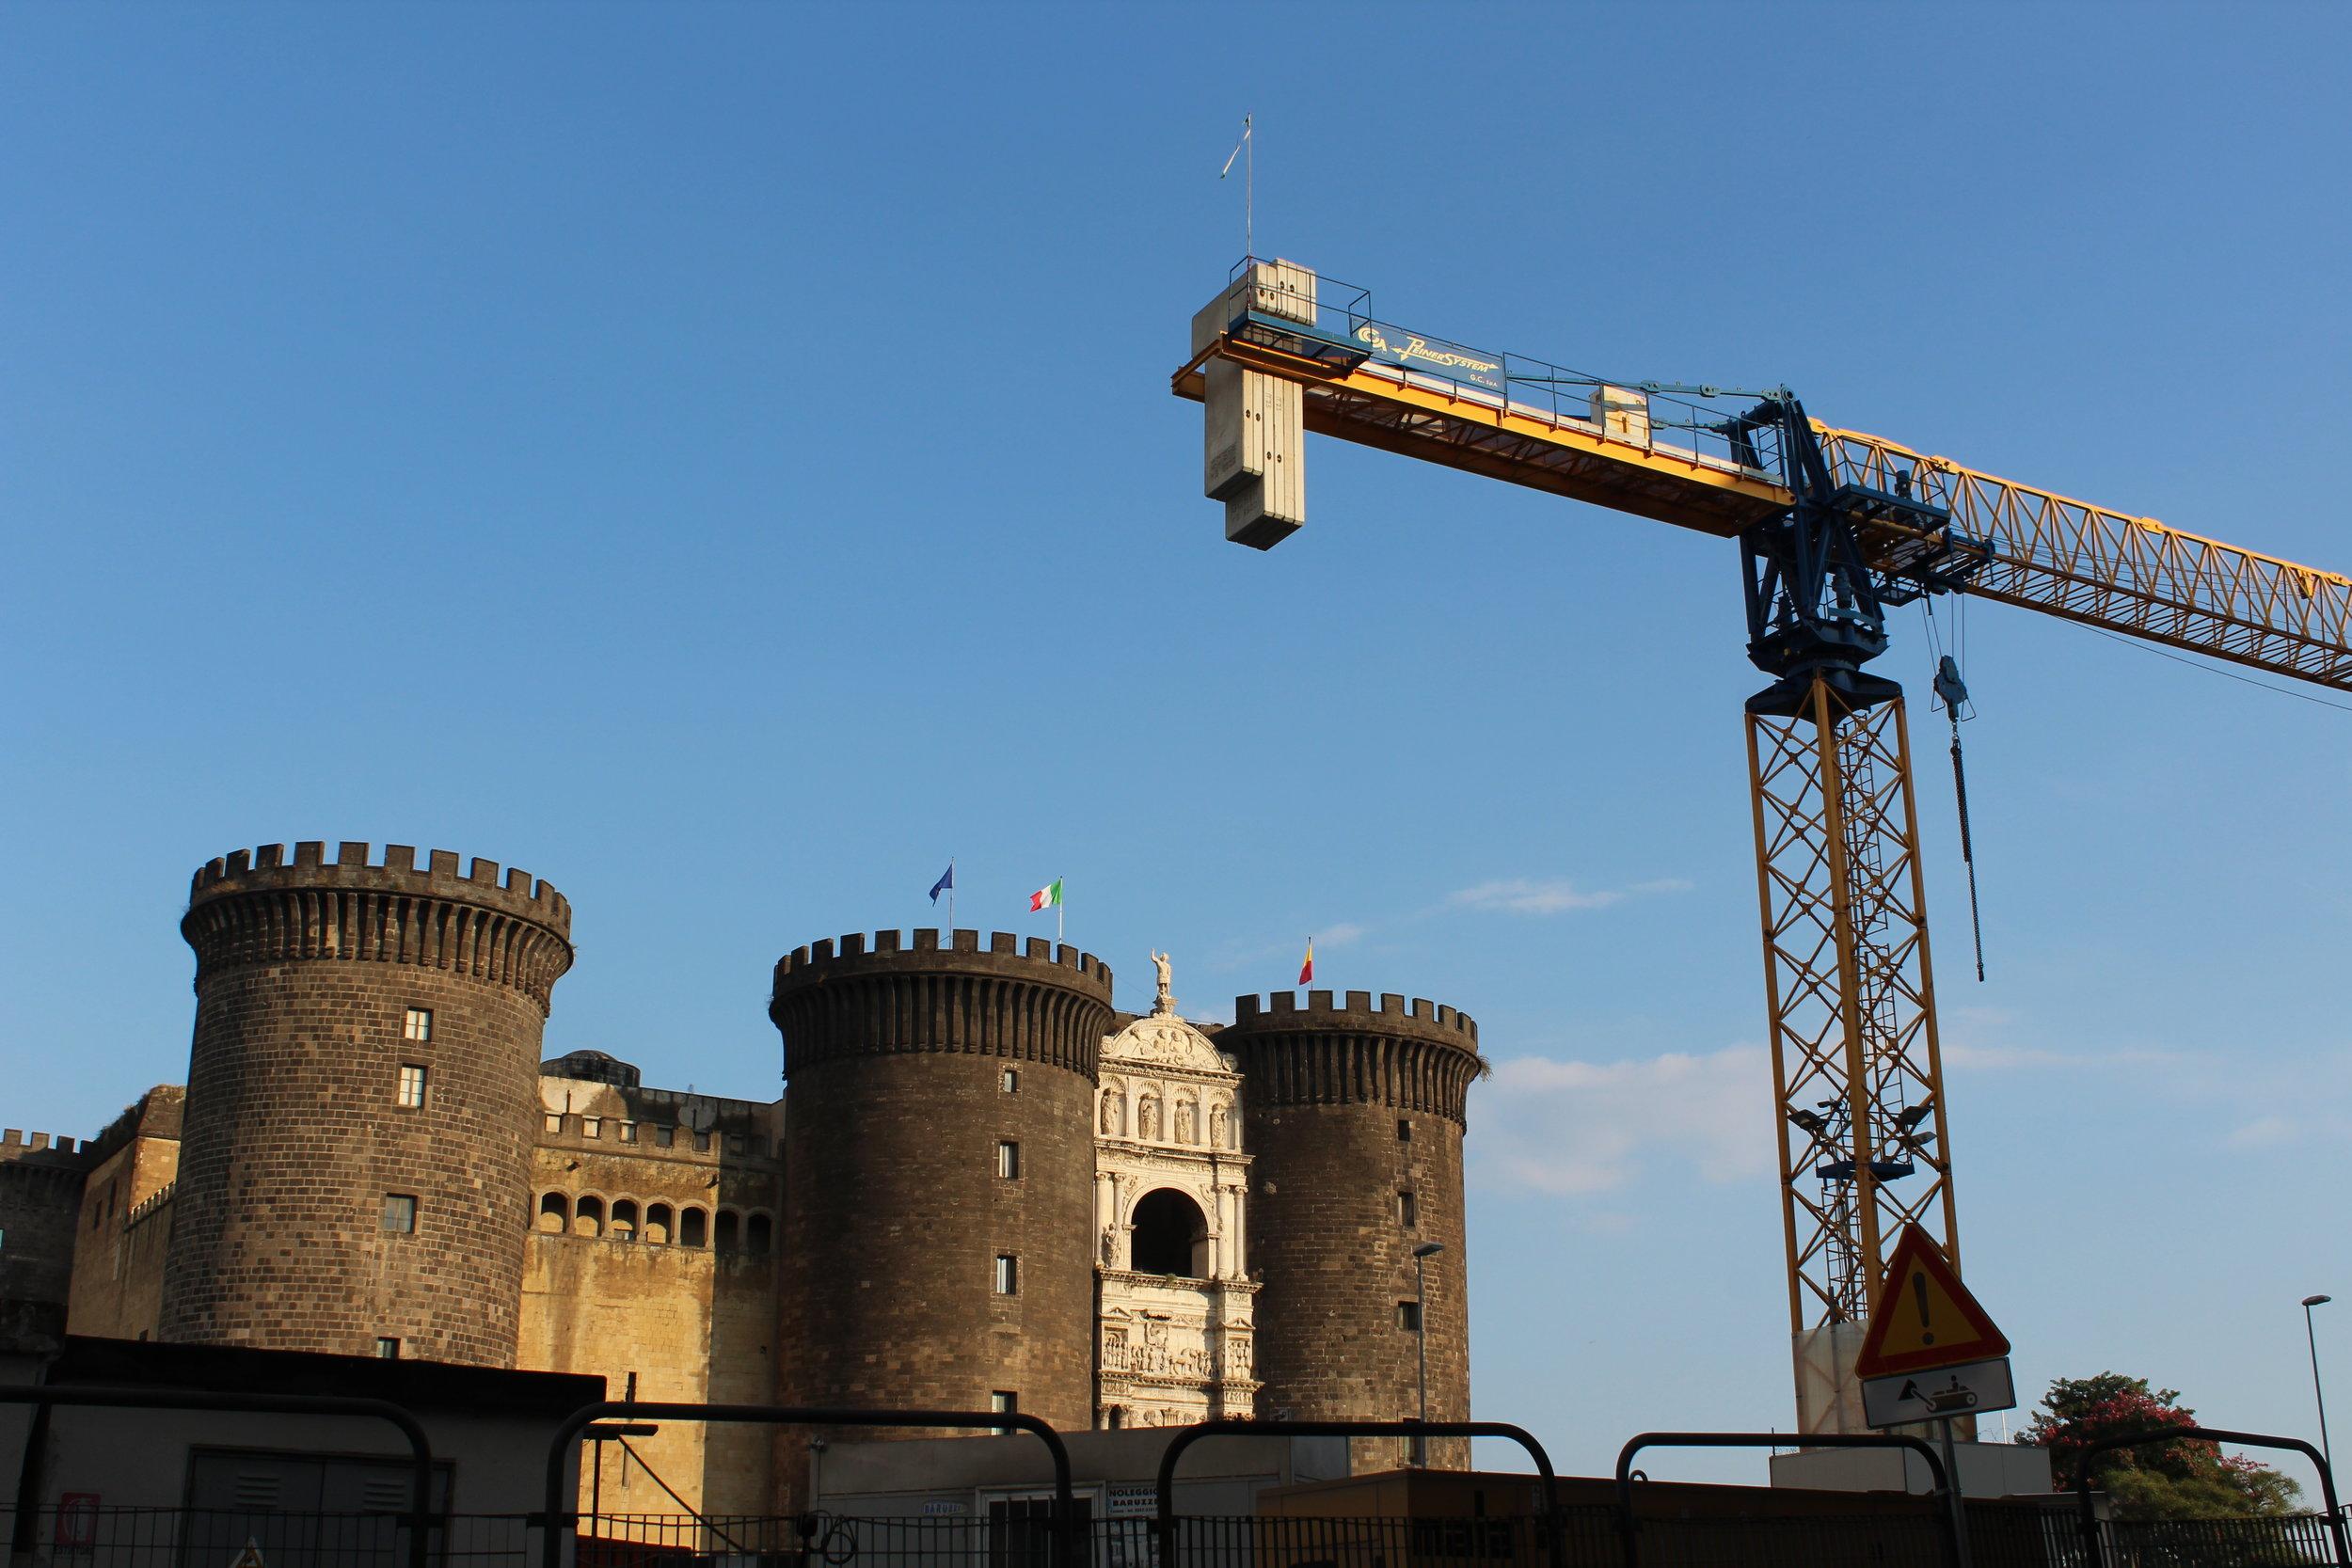 Castel Nuovo or Maschio Angoino